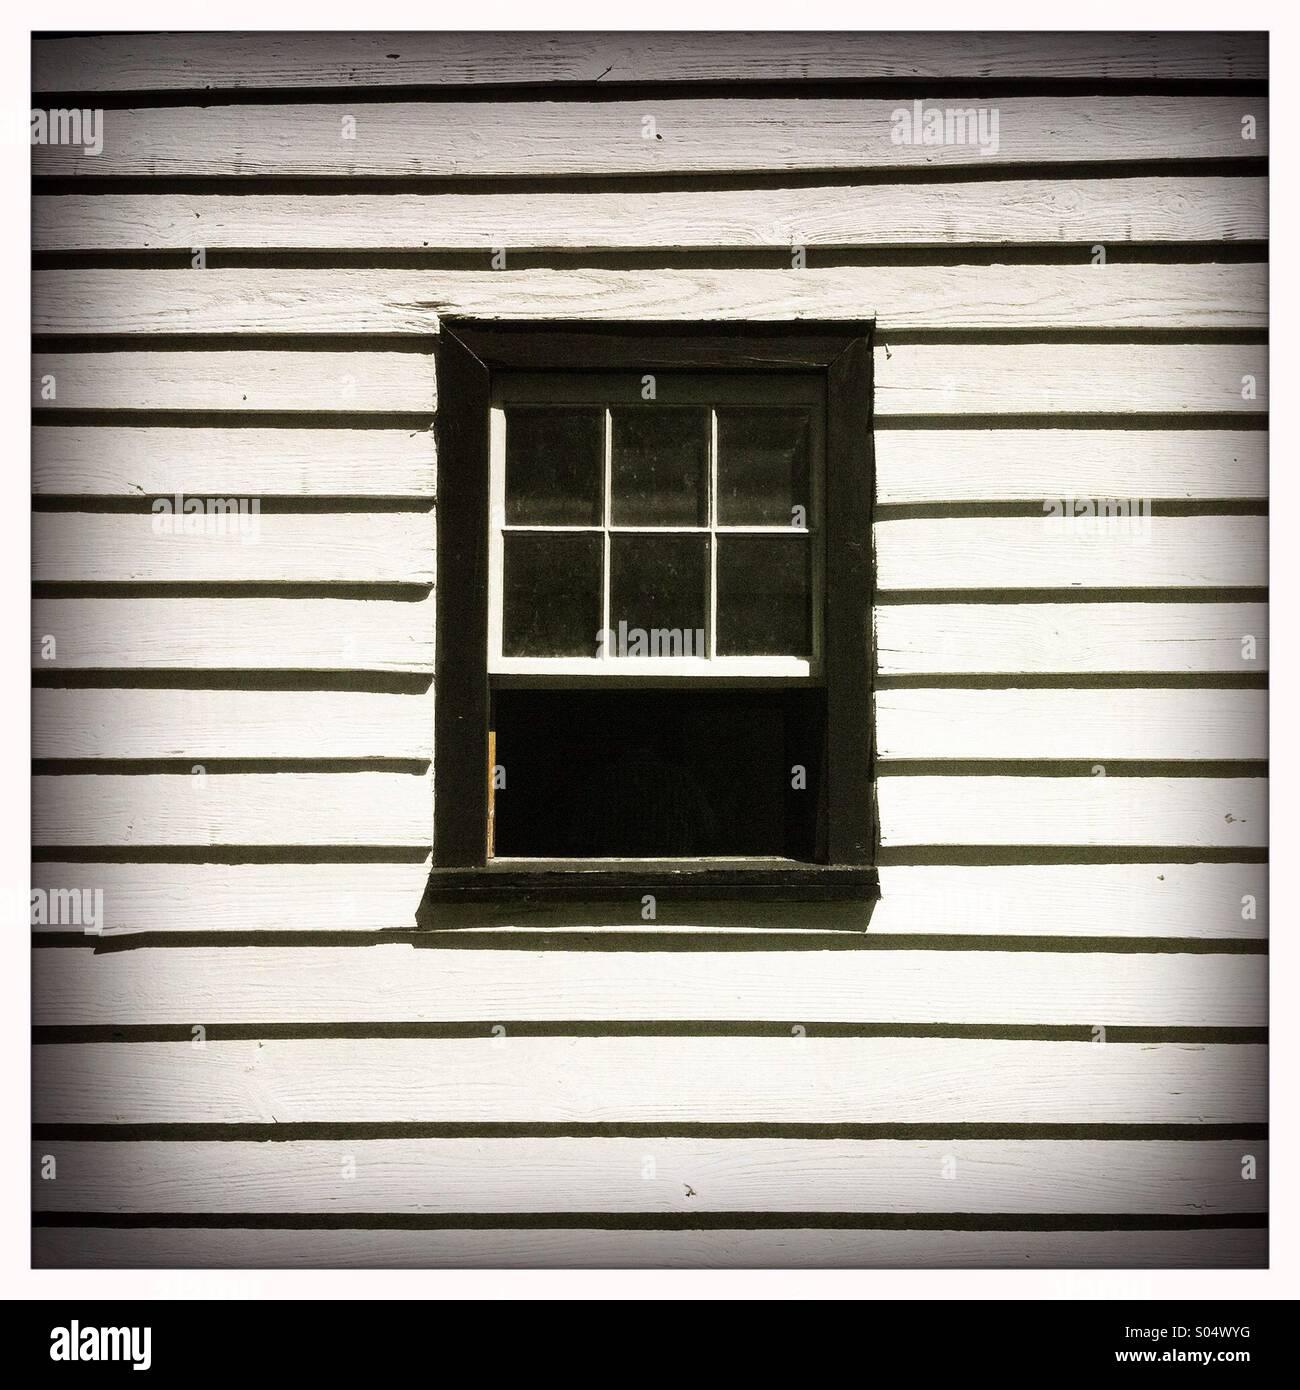 Una ventana negra casa enmarcada en una pared de madera blanca Imagen De Stock